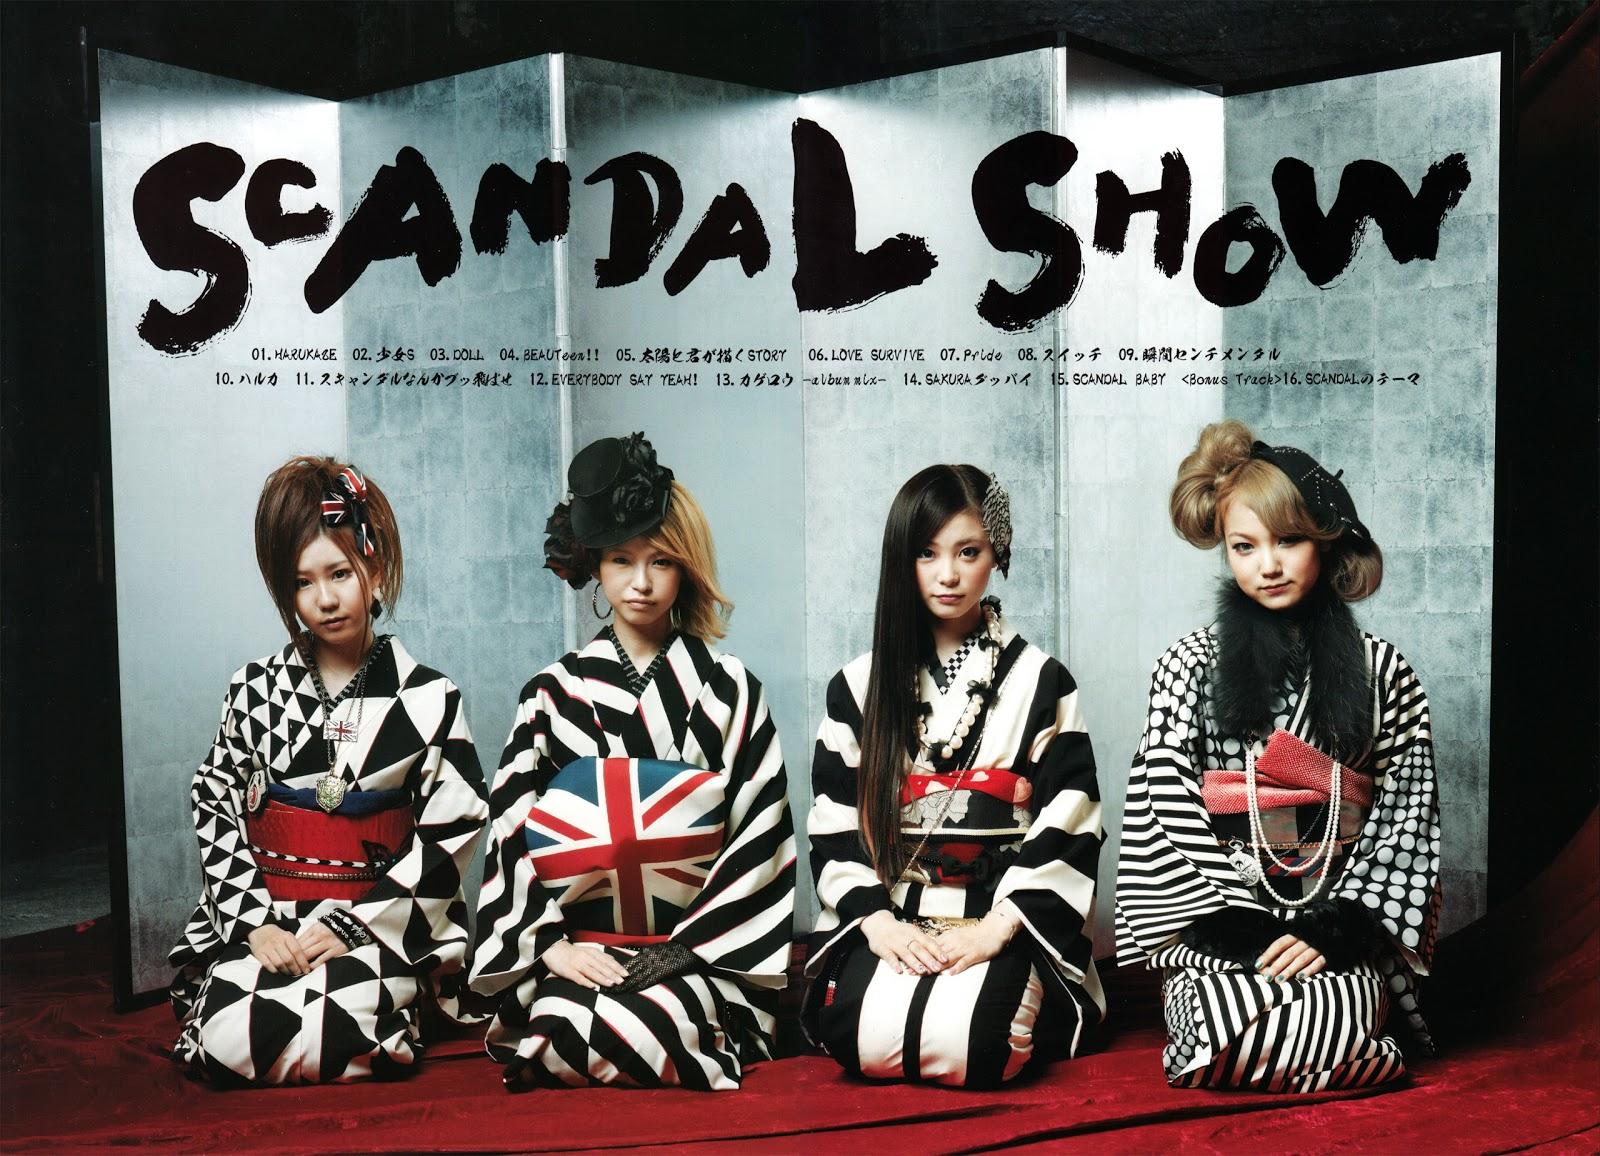 大注目 4人組ガールズバンドscandal スキャンダル のかわいい高画質な画像 壁紙 写真まとめサイト Pictas